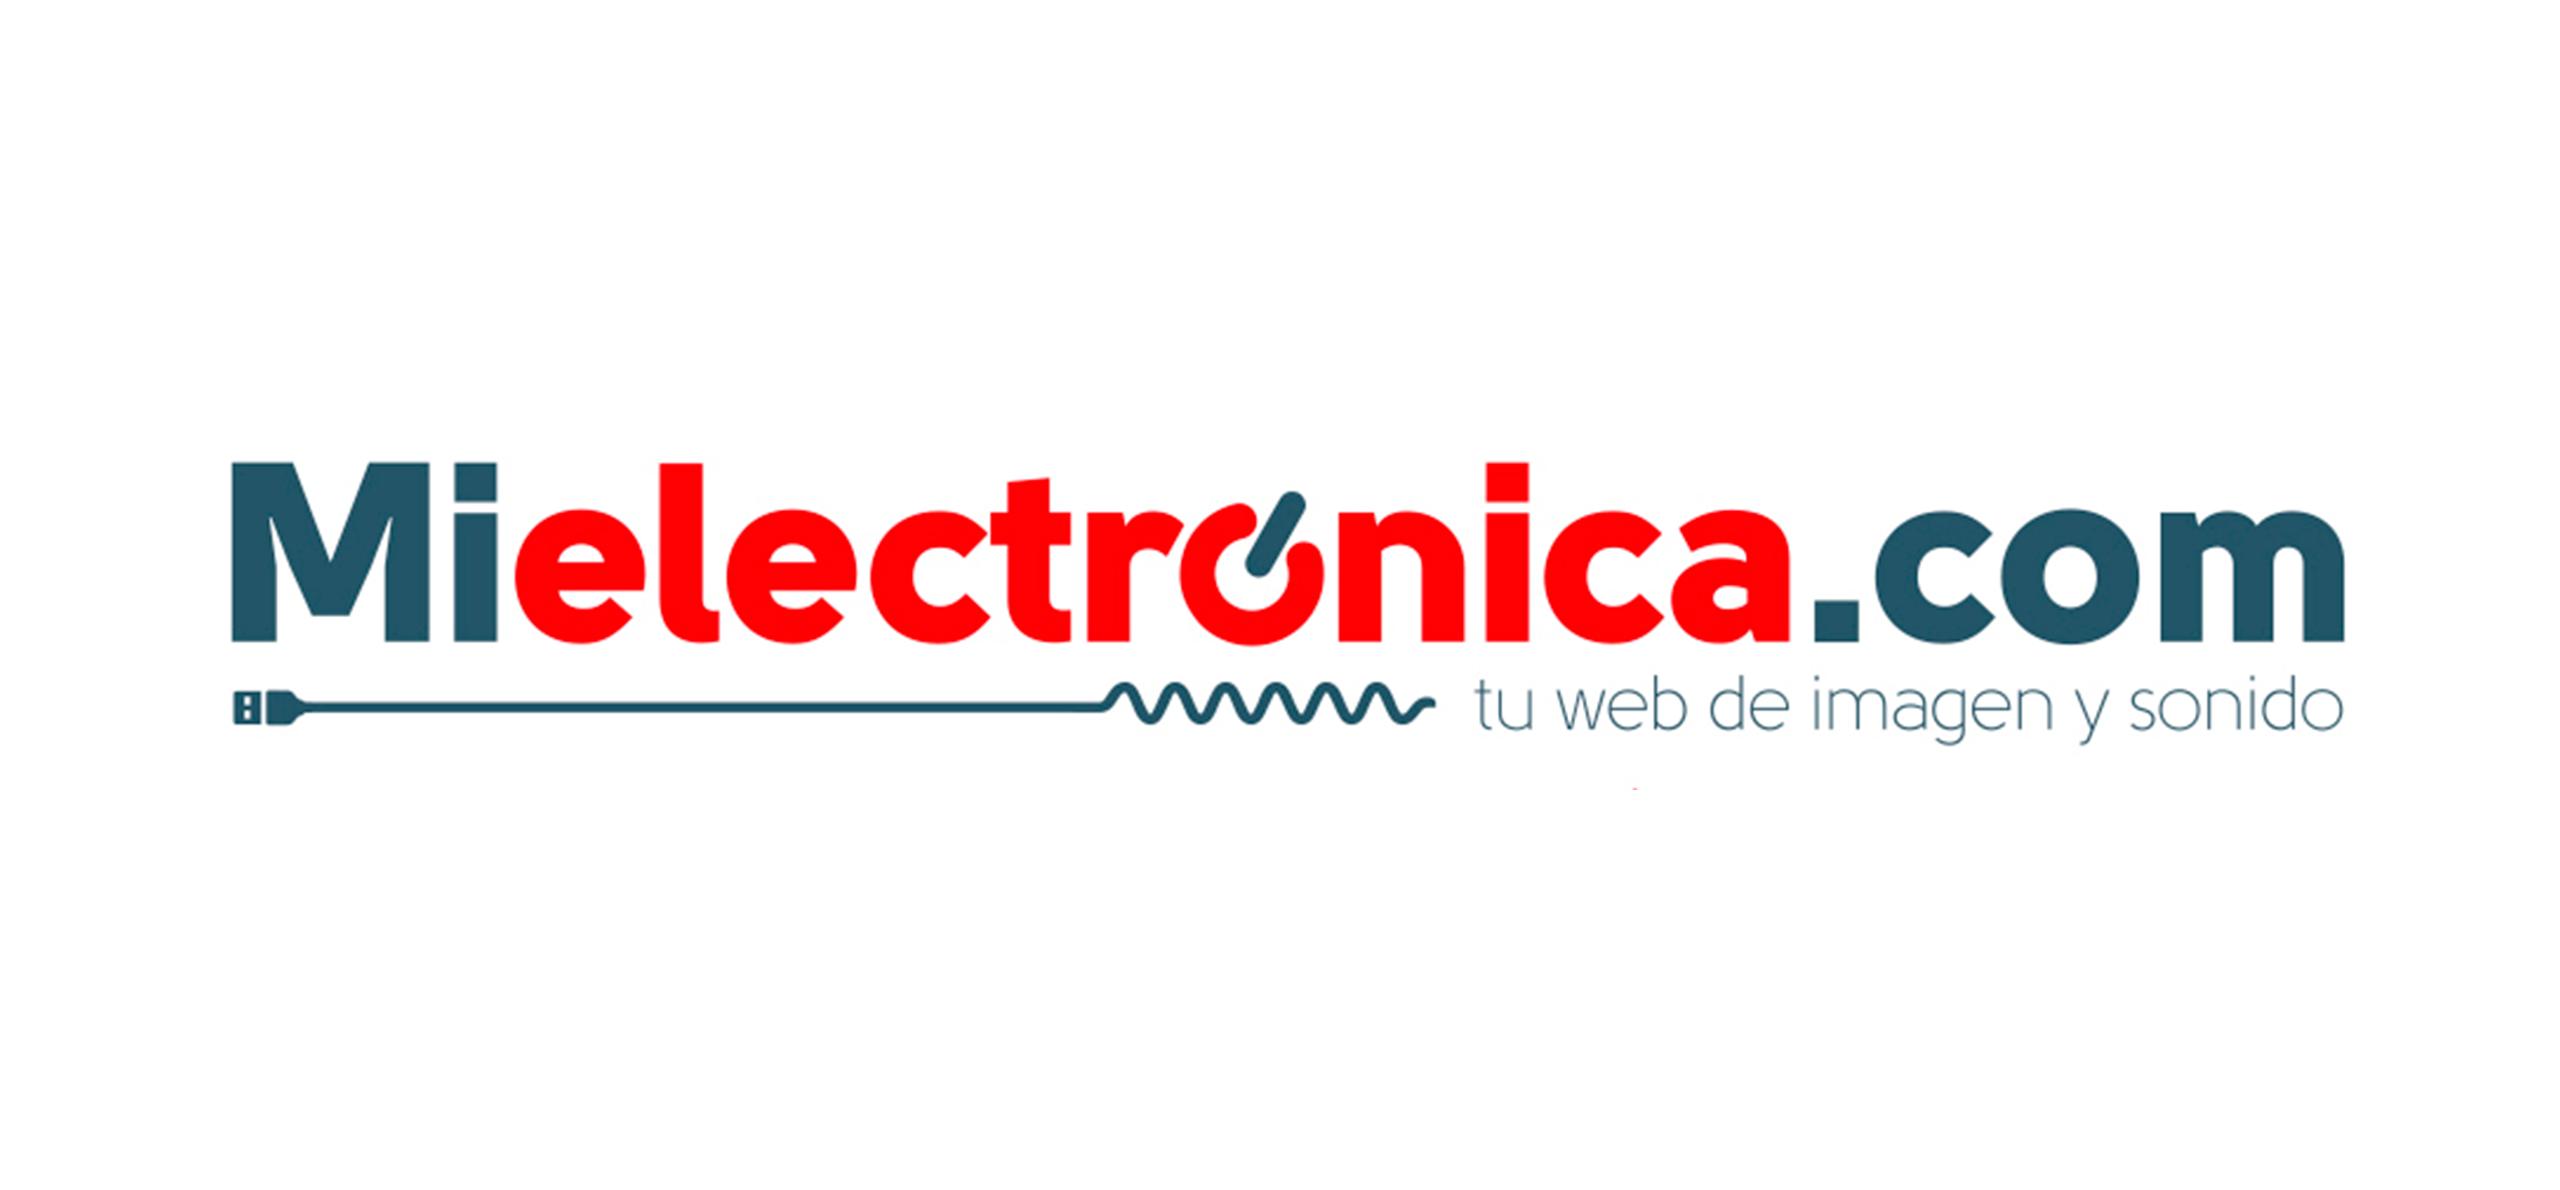 MiElectronica.com